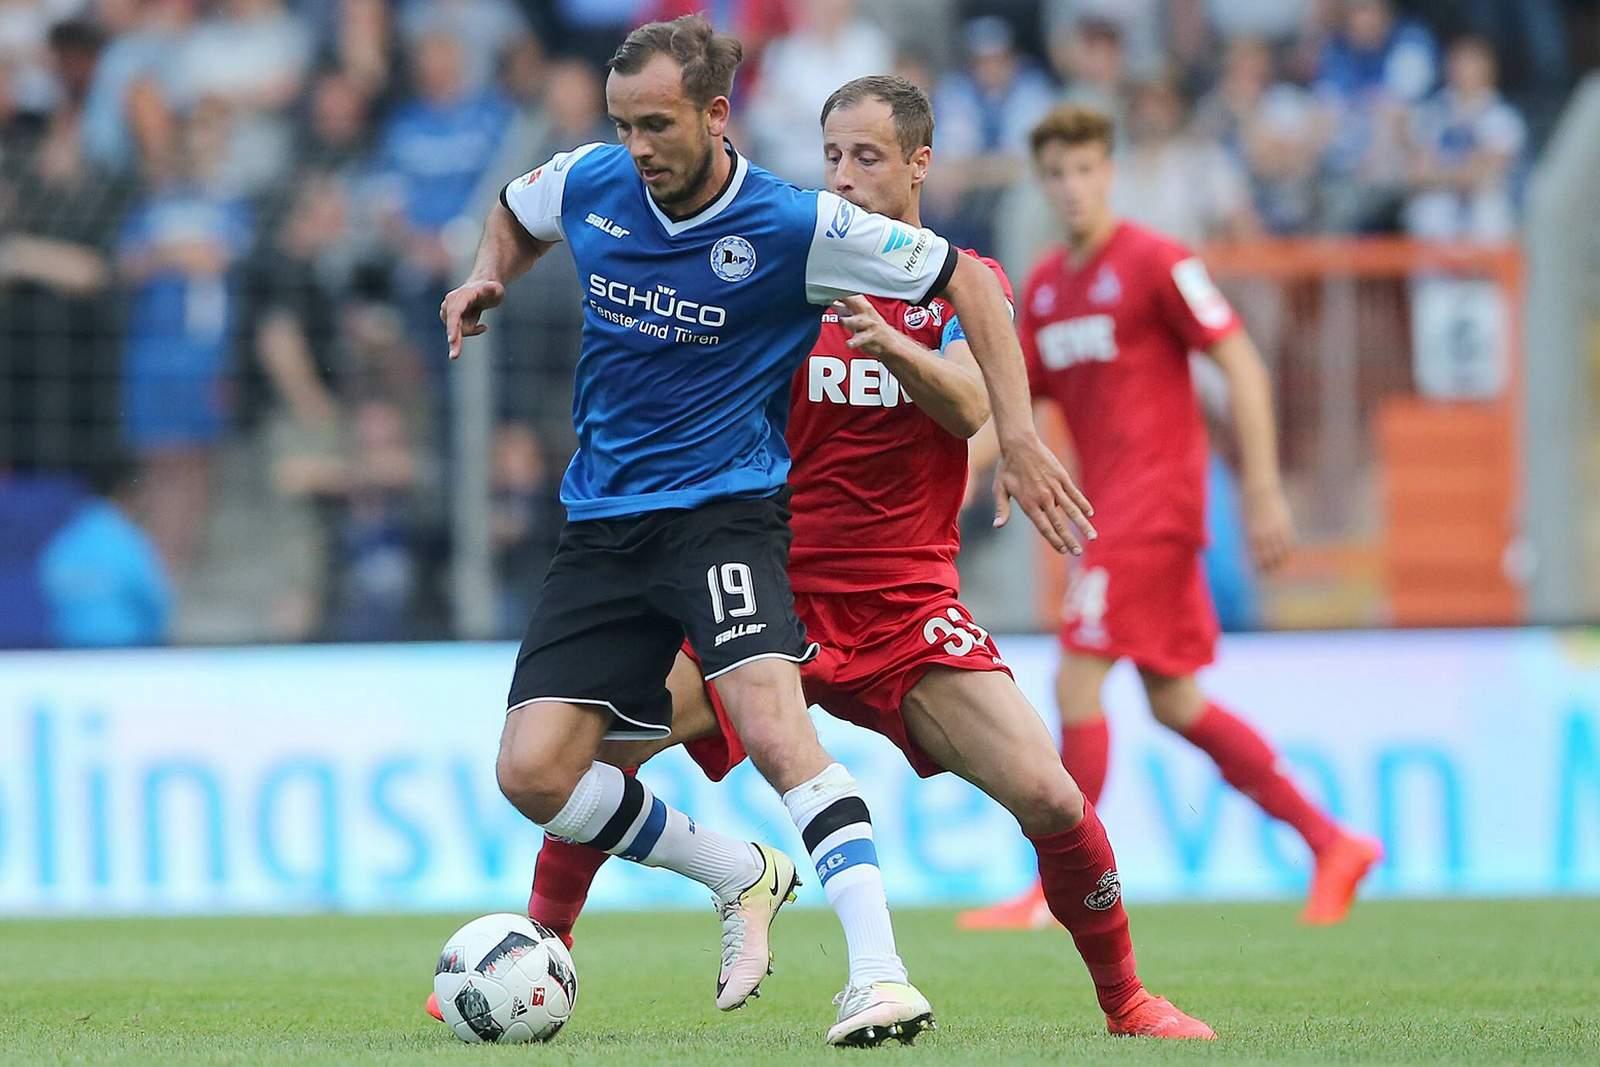 Kann sich Manuel Prietl gegen Matthias Lehmann behaupten? Jetzt auf Bielefeld gegen Köln wetten.